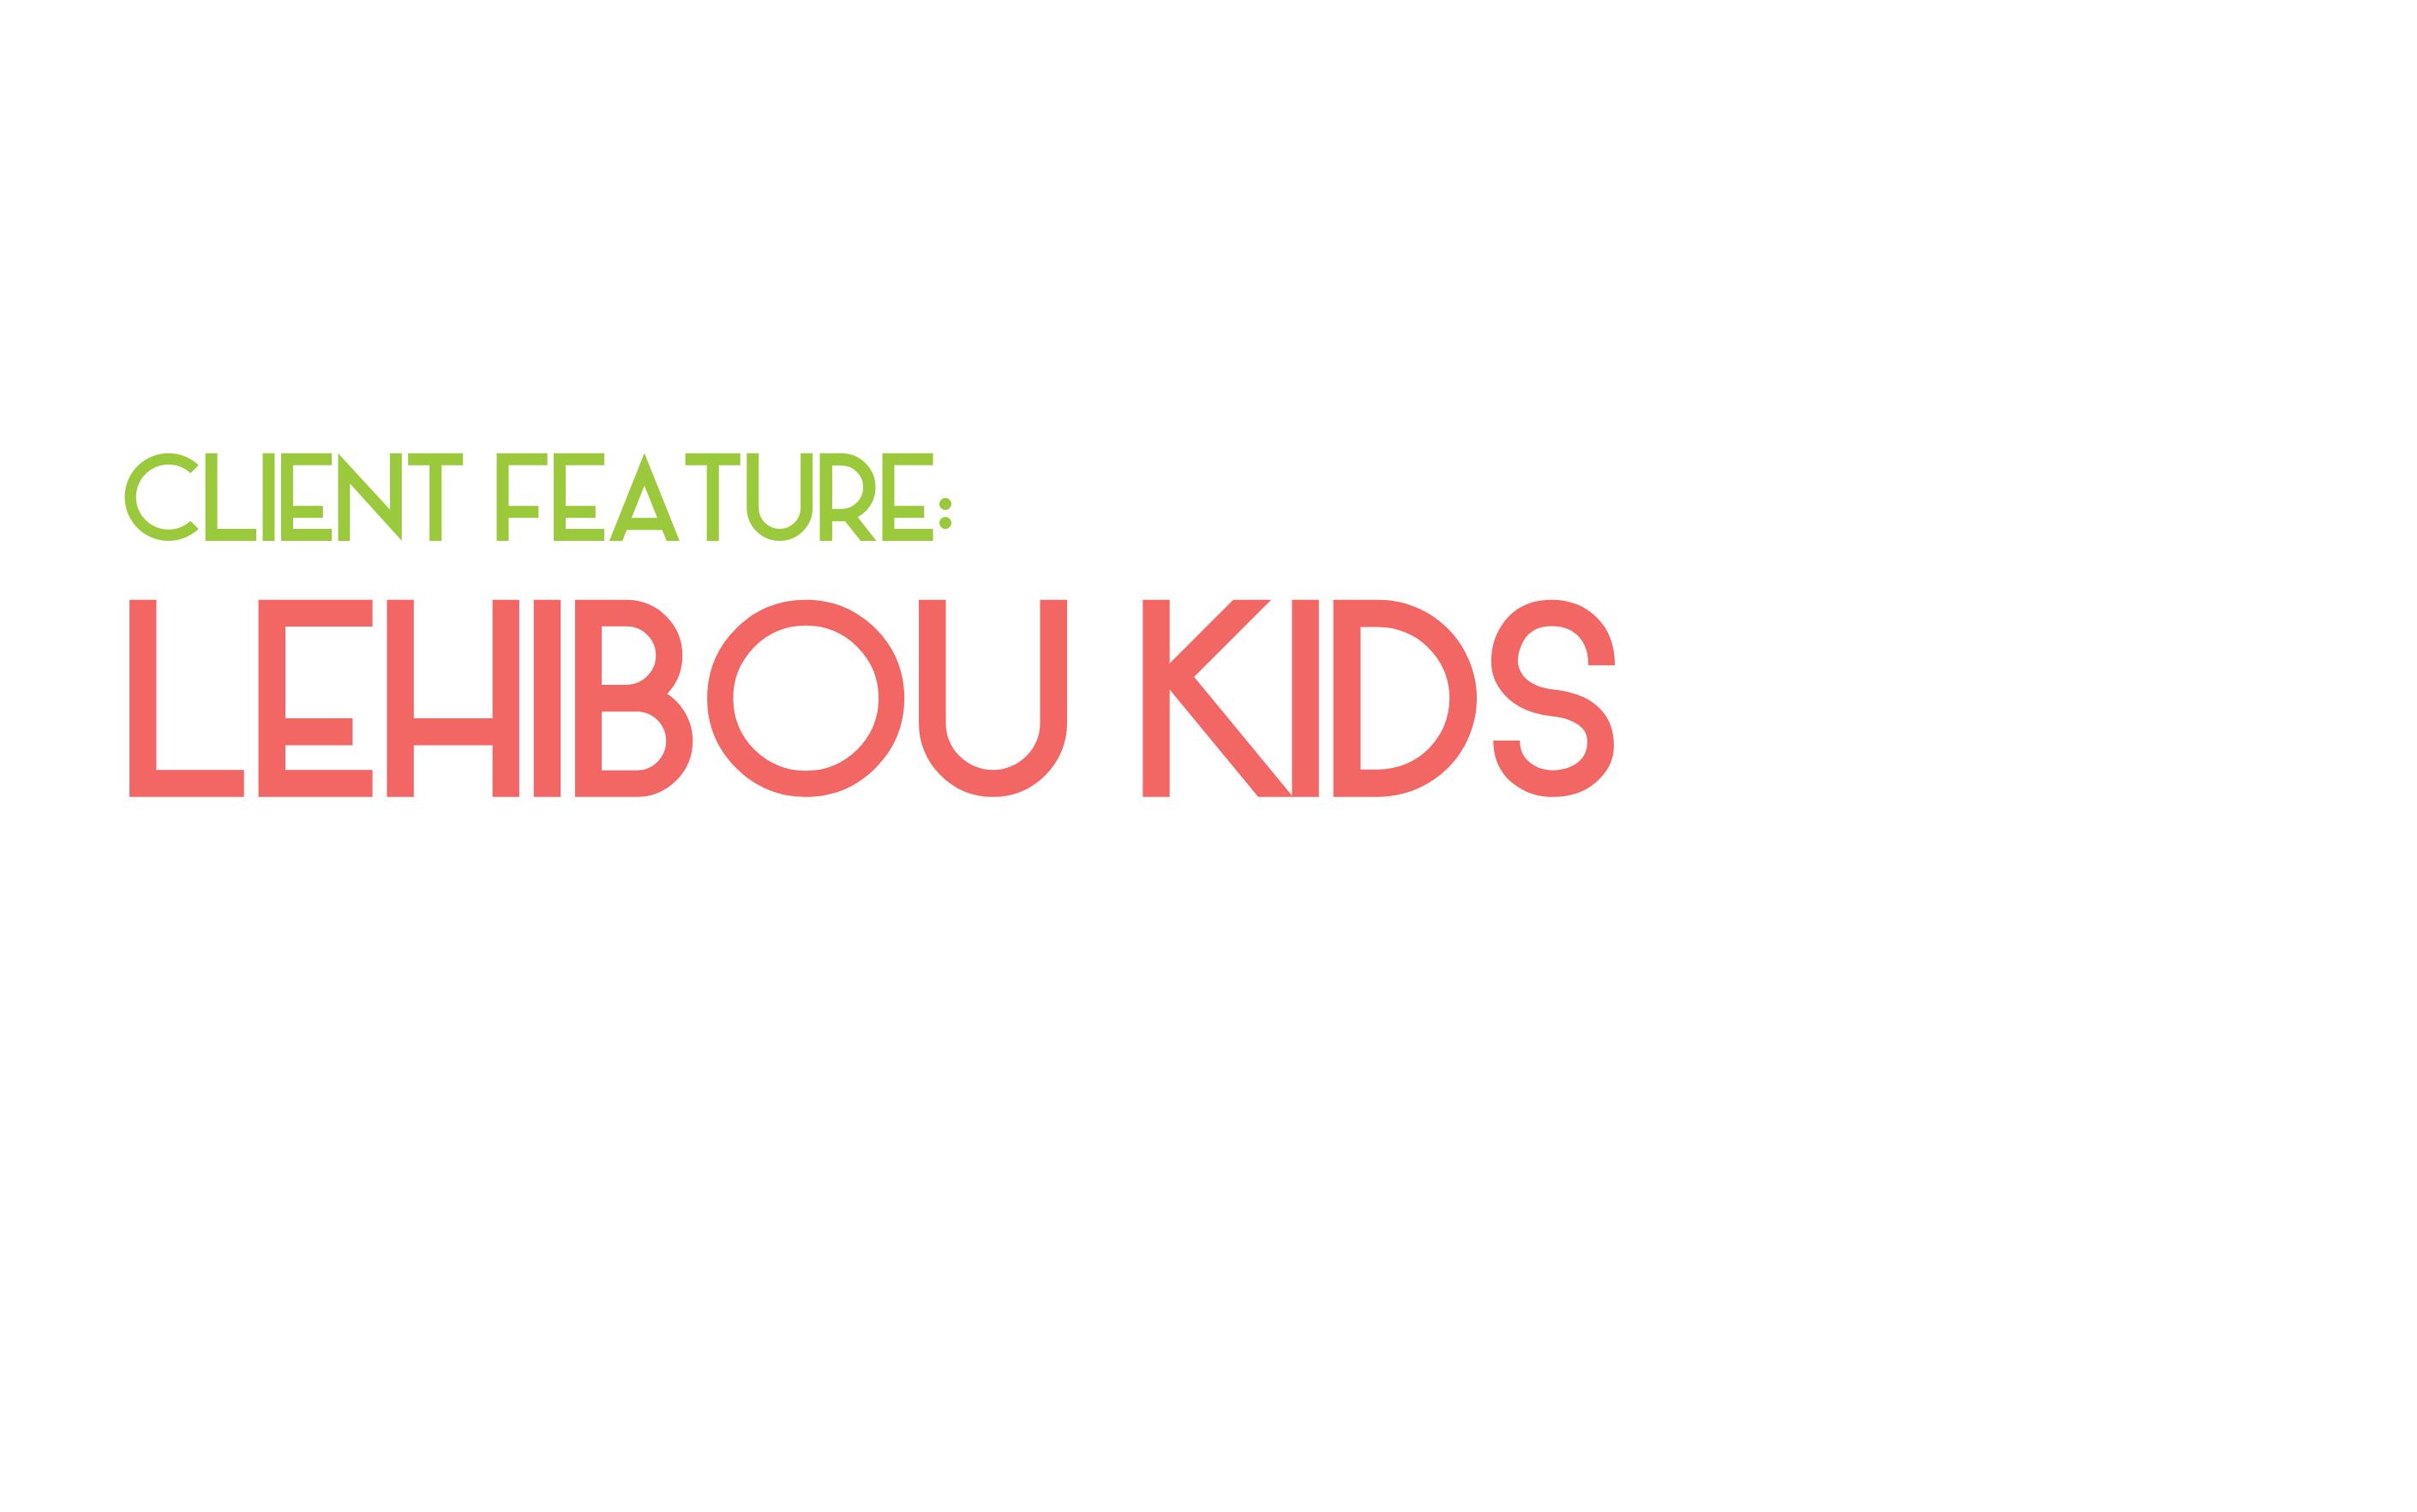 Client Feature: Le Hibou Kids